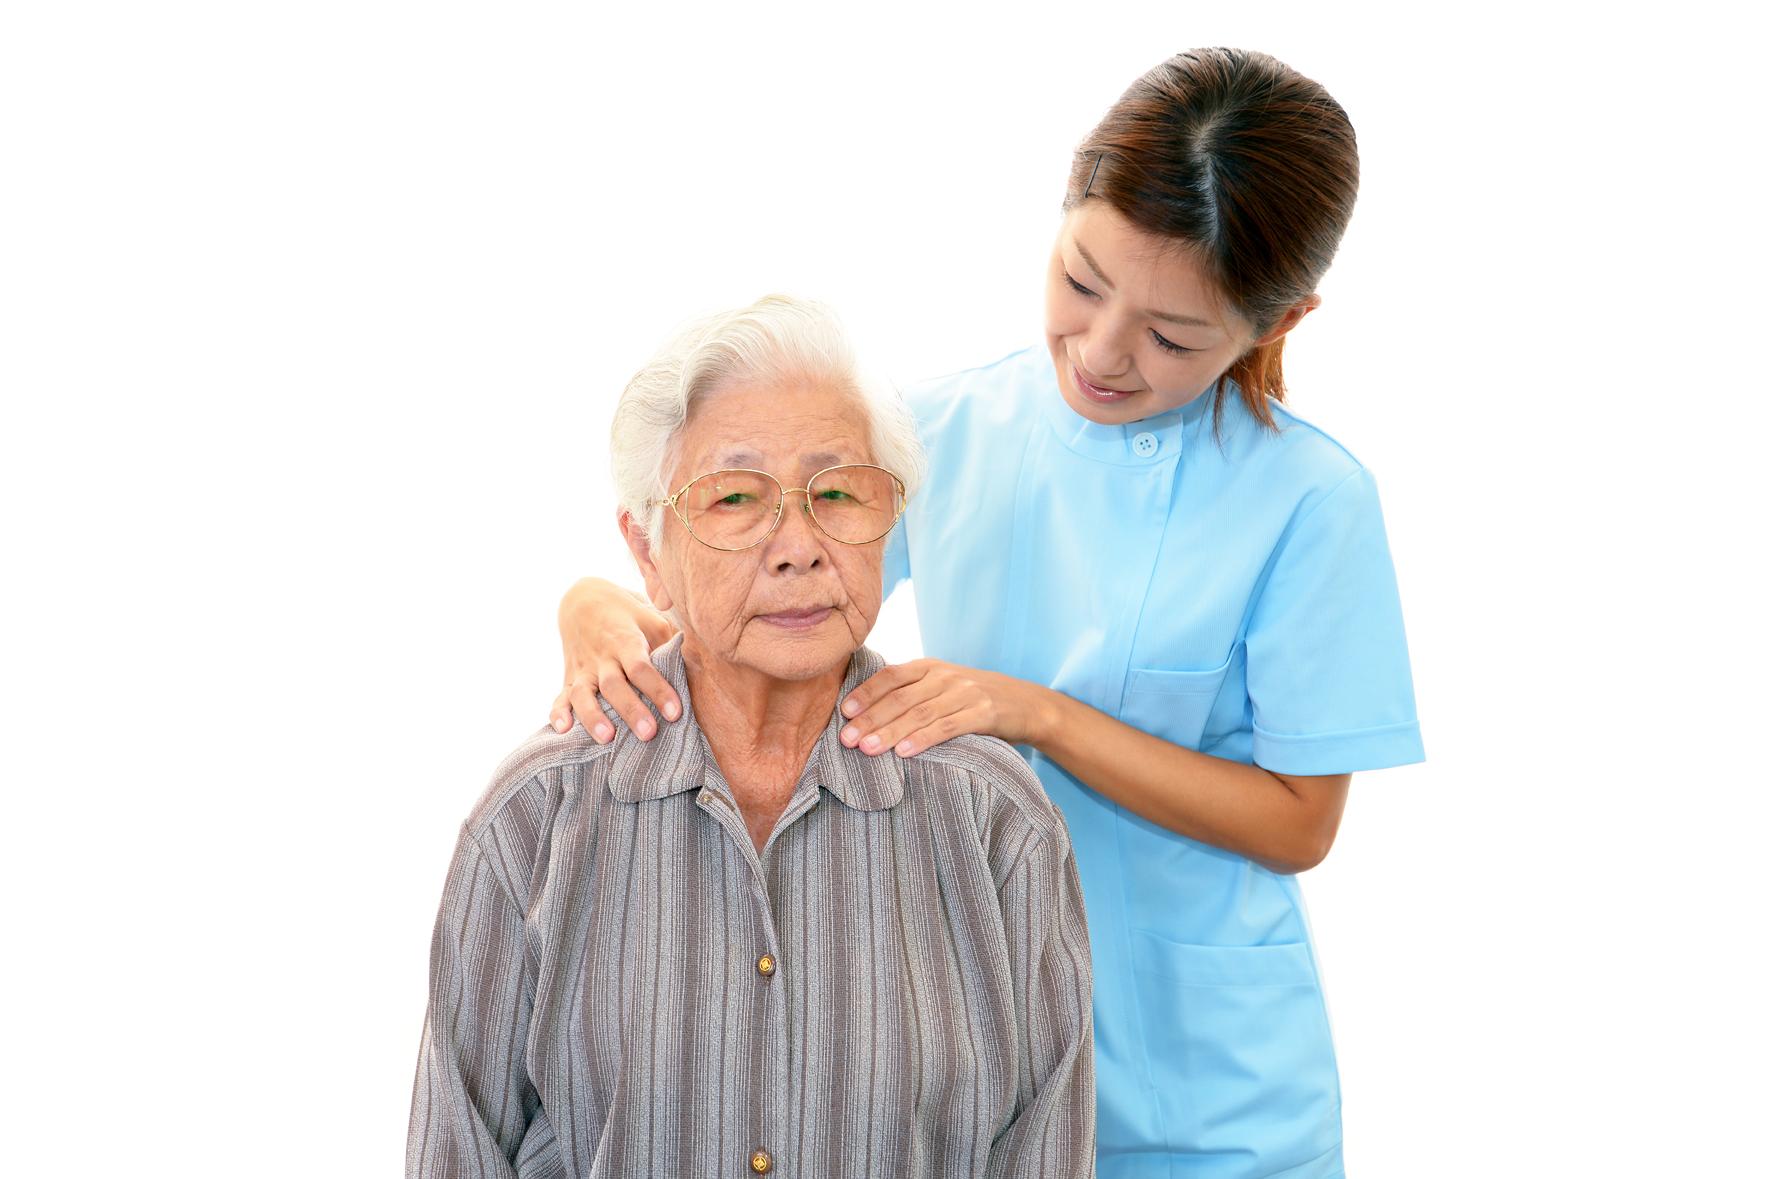 Ngành Điều dưỡng ảnh hưởng trực tiếp đến an sinh xã hội